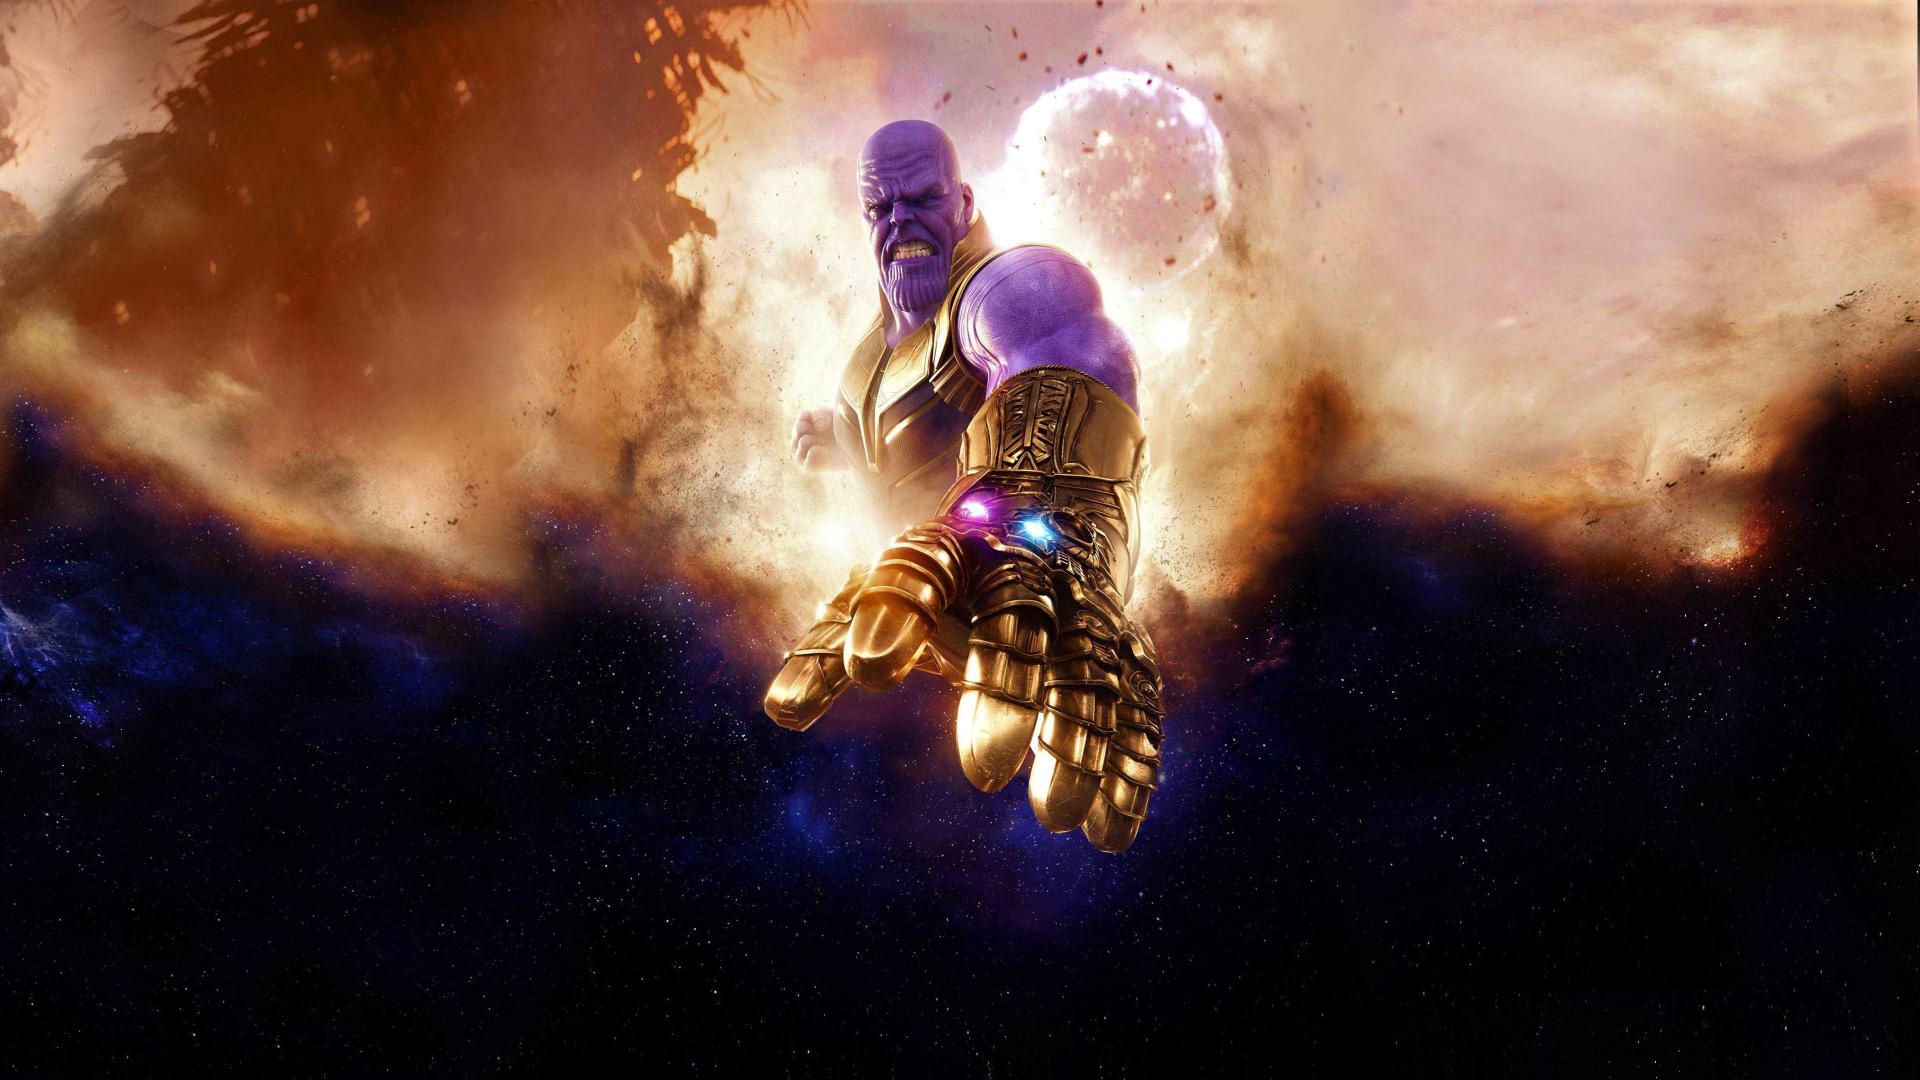 Thanos Clouds Avengers Infinity War Villain Artwork X Wallpaper